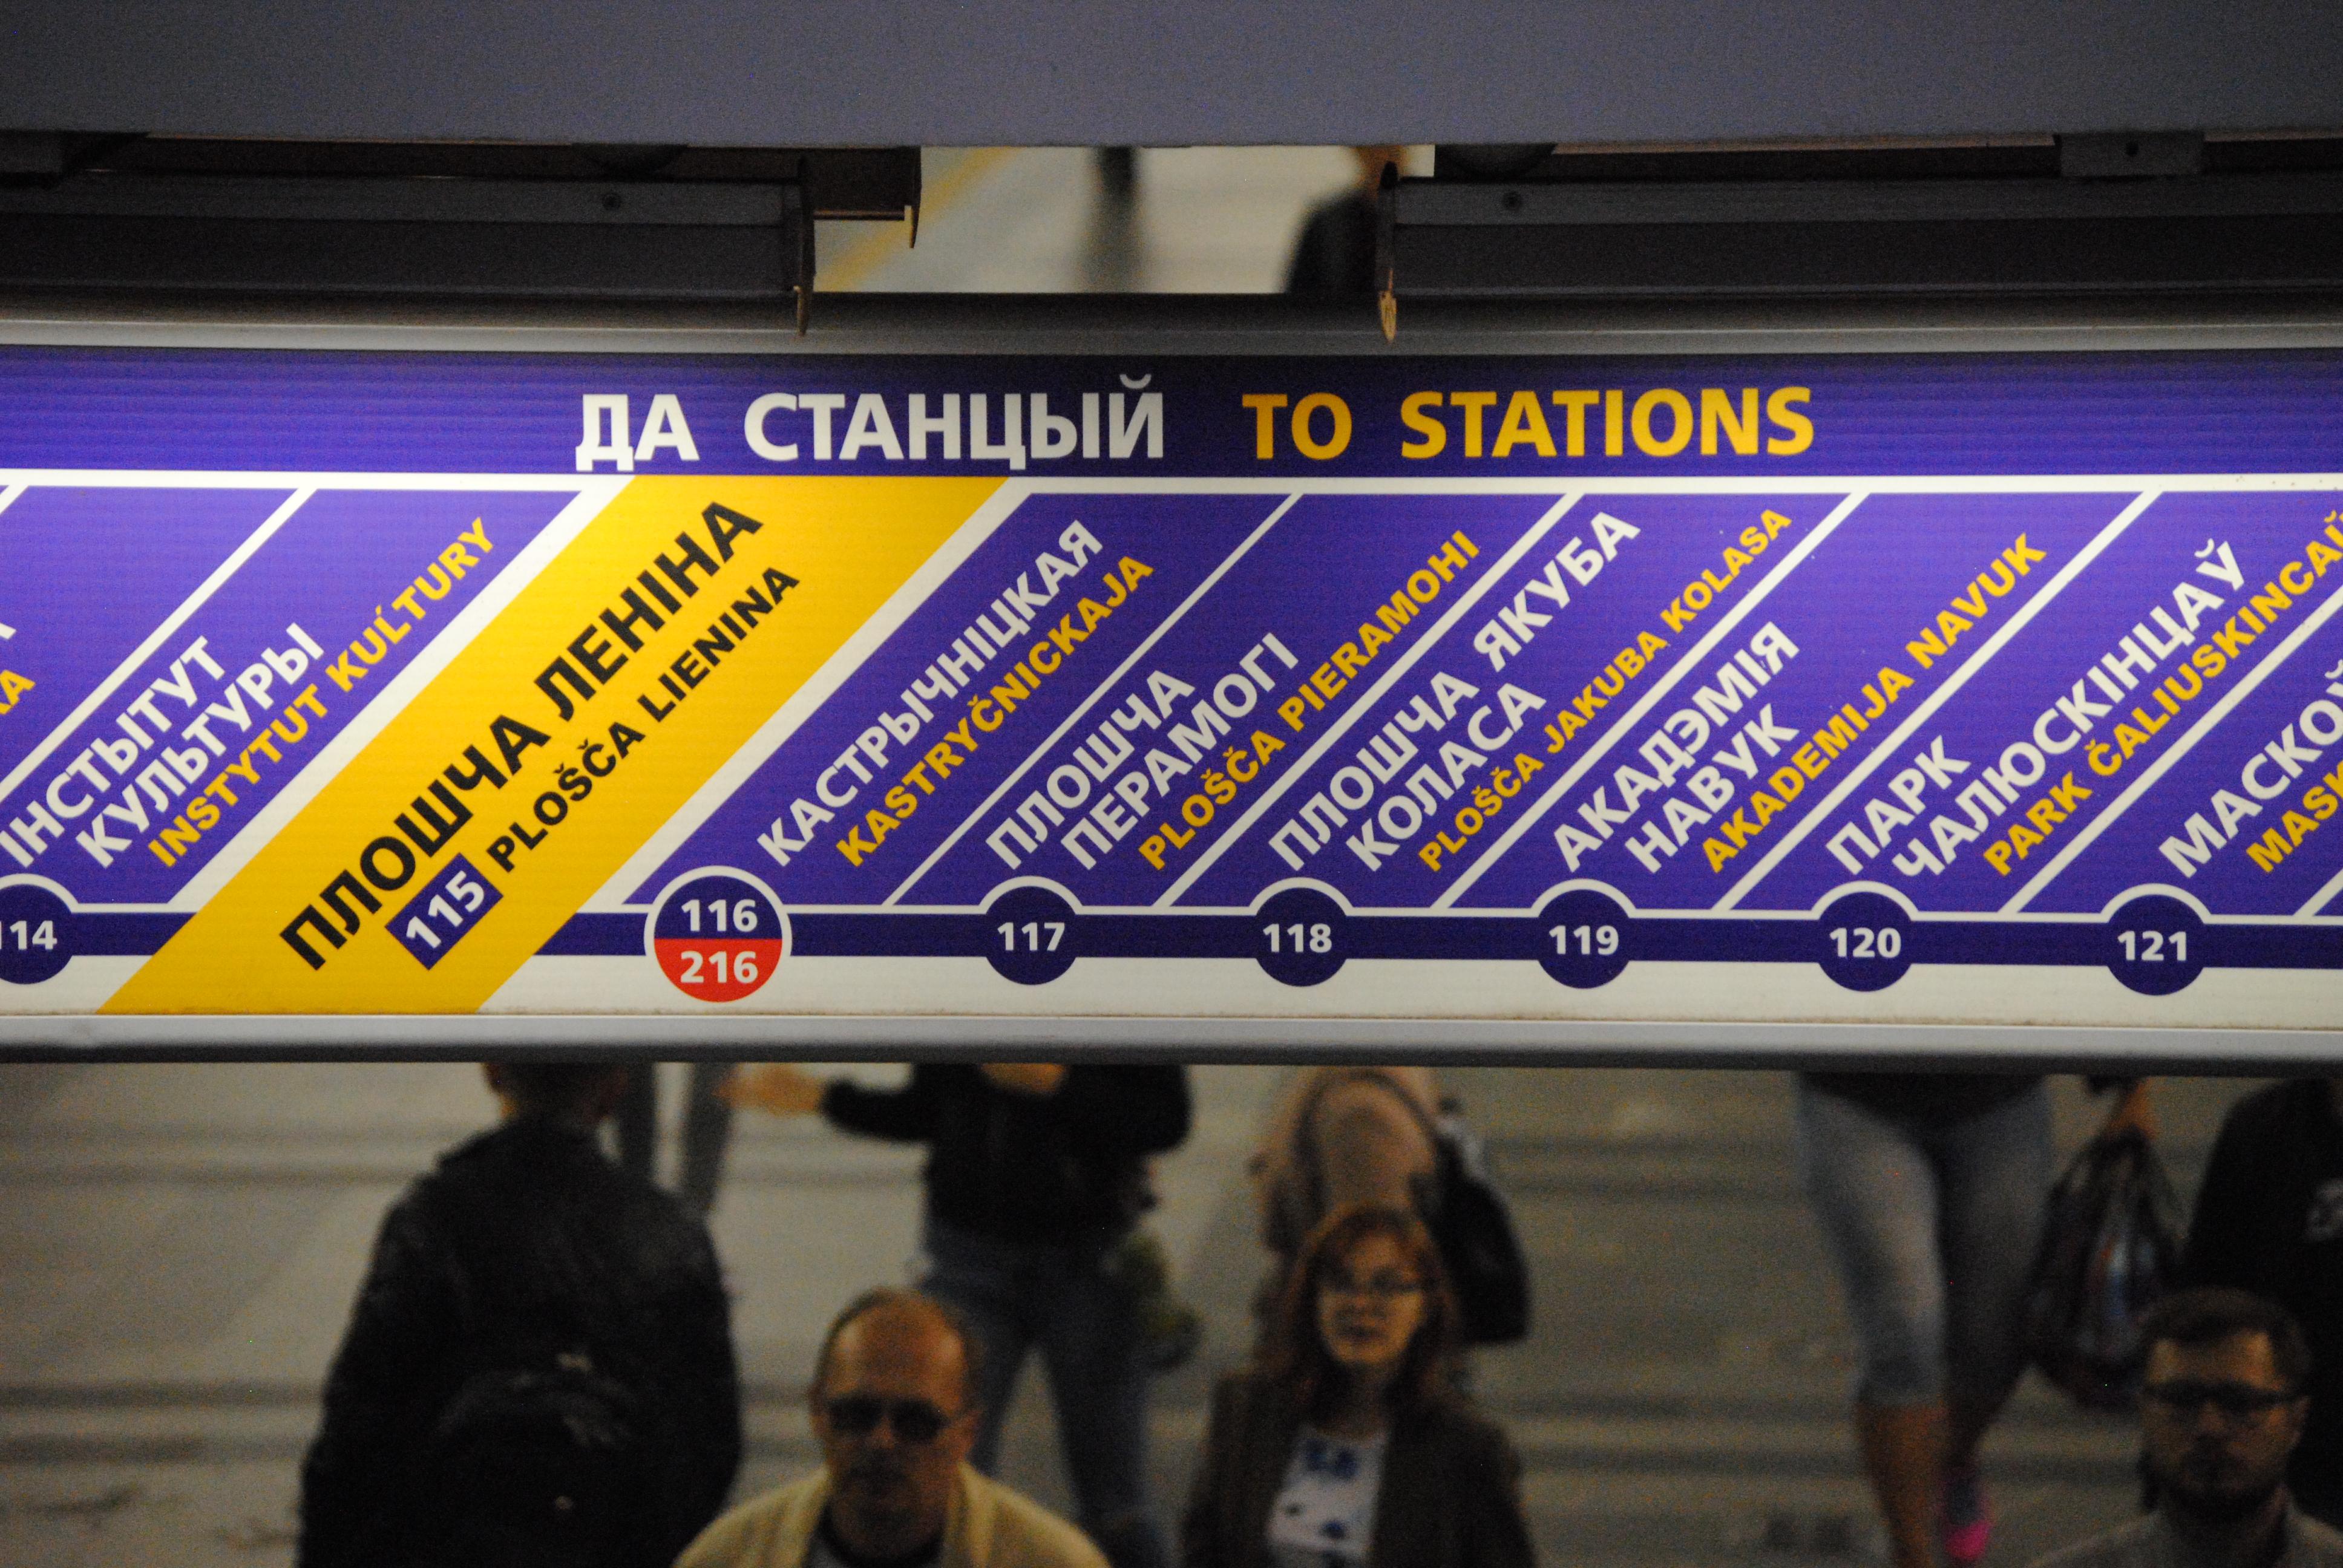 señalización en bielorruso del metro de Minsk